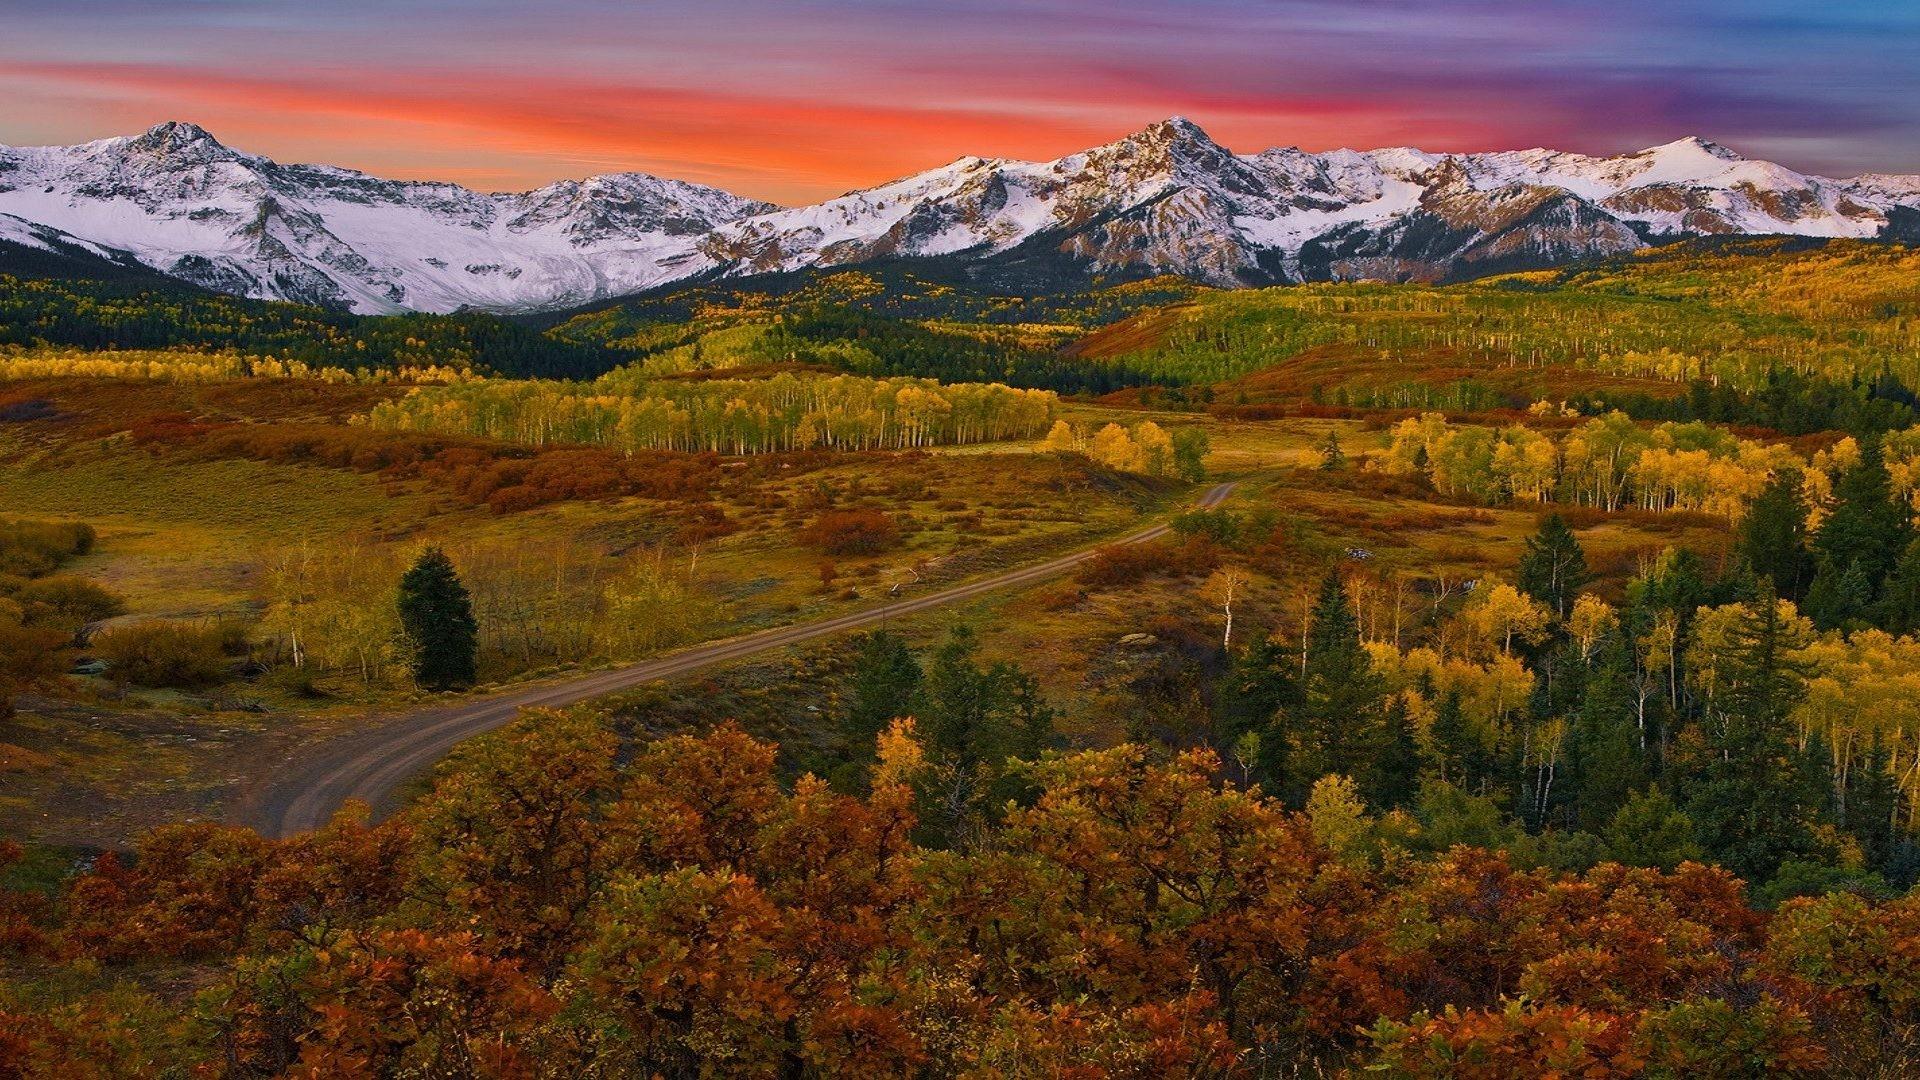 Colorado flag desktop wallpaper 60 images - Colorado desktop background ...